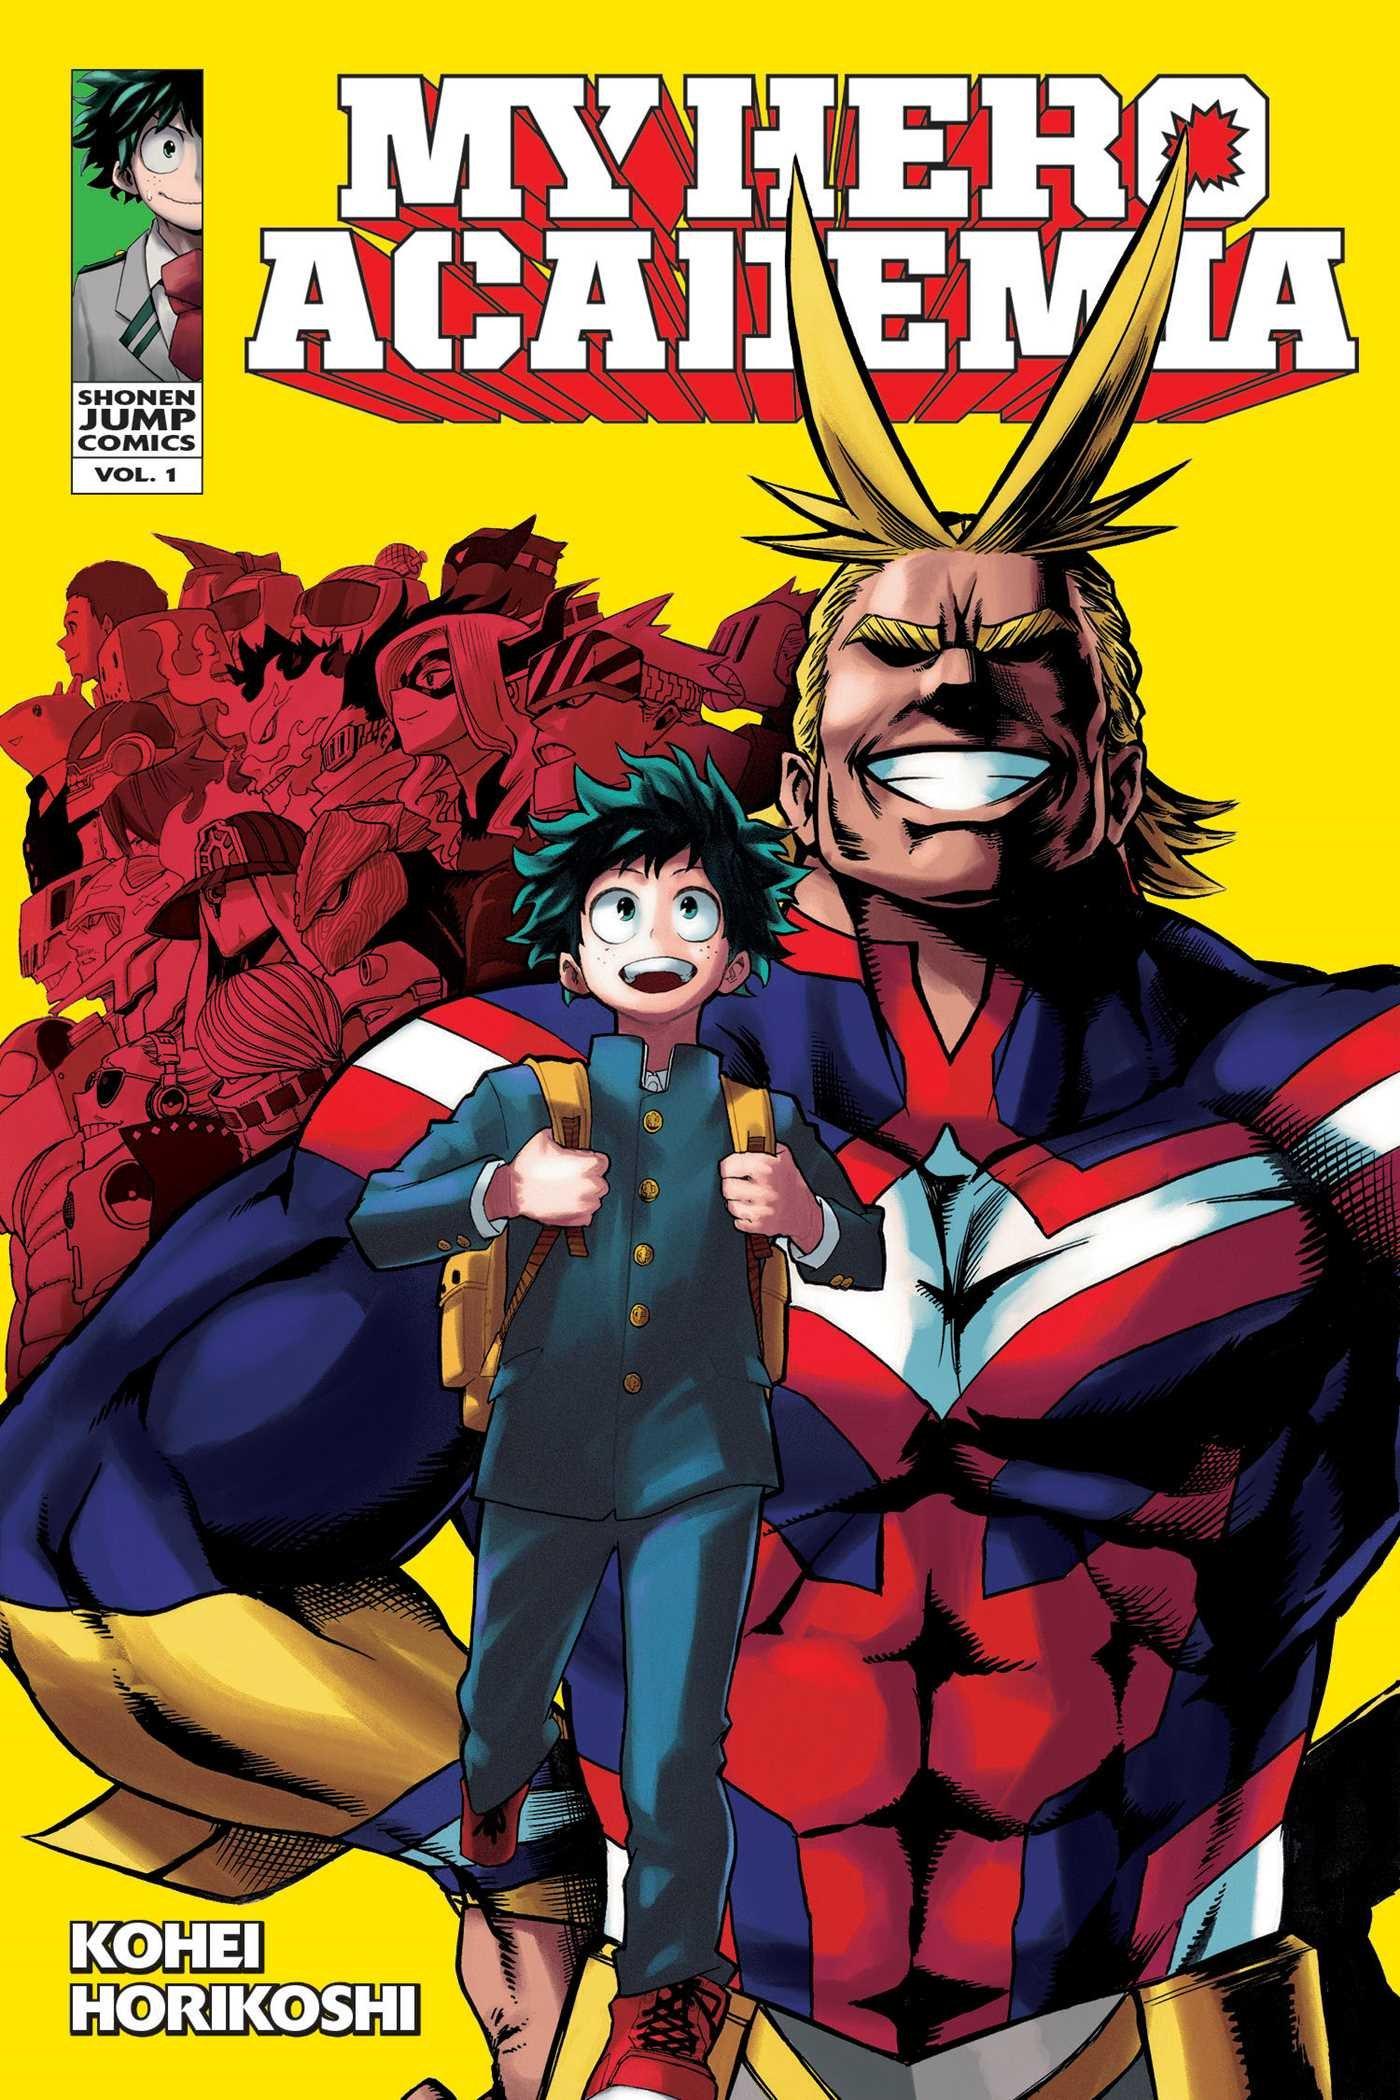 Amazon.com: My Hero Academia, Vol. 1 (1) (9781421582696): Kohei Horikoshi,  Caleb D. Cook: Books